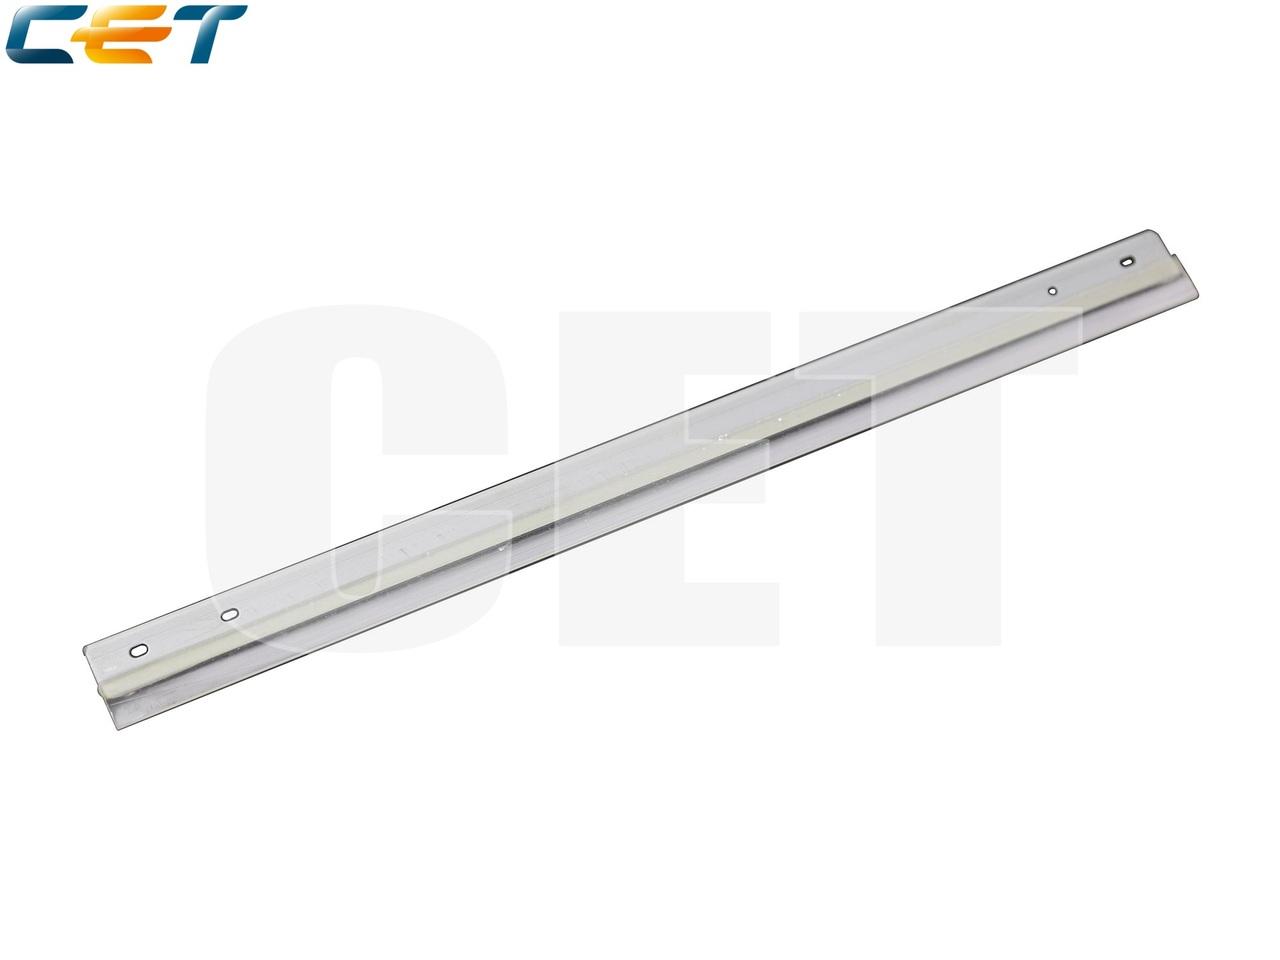 Ракель для SAMSUNG CLX-9201/9251/9301 (CET), CET3576